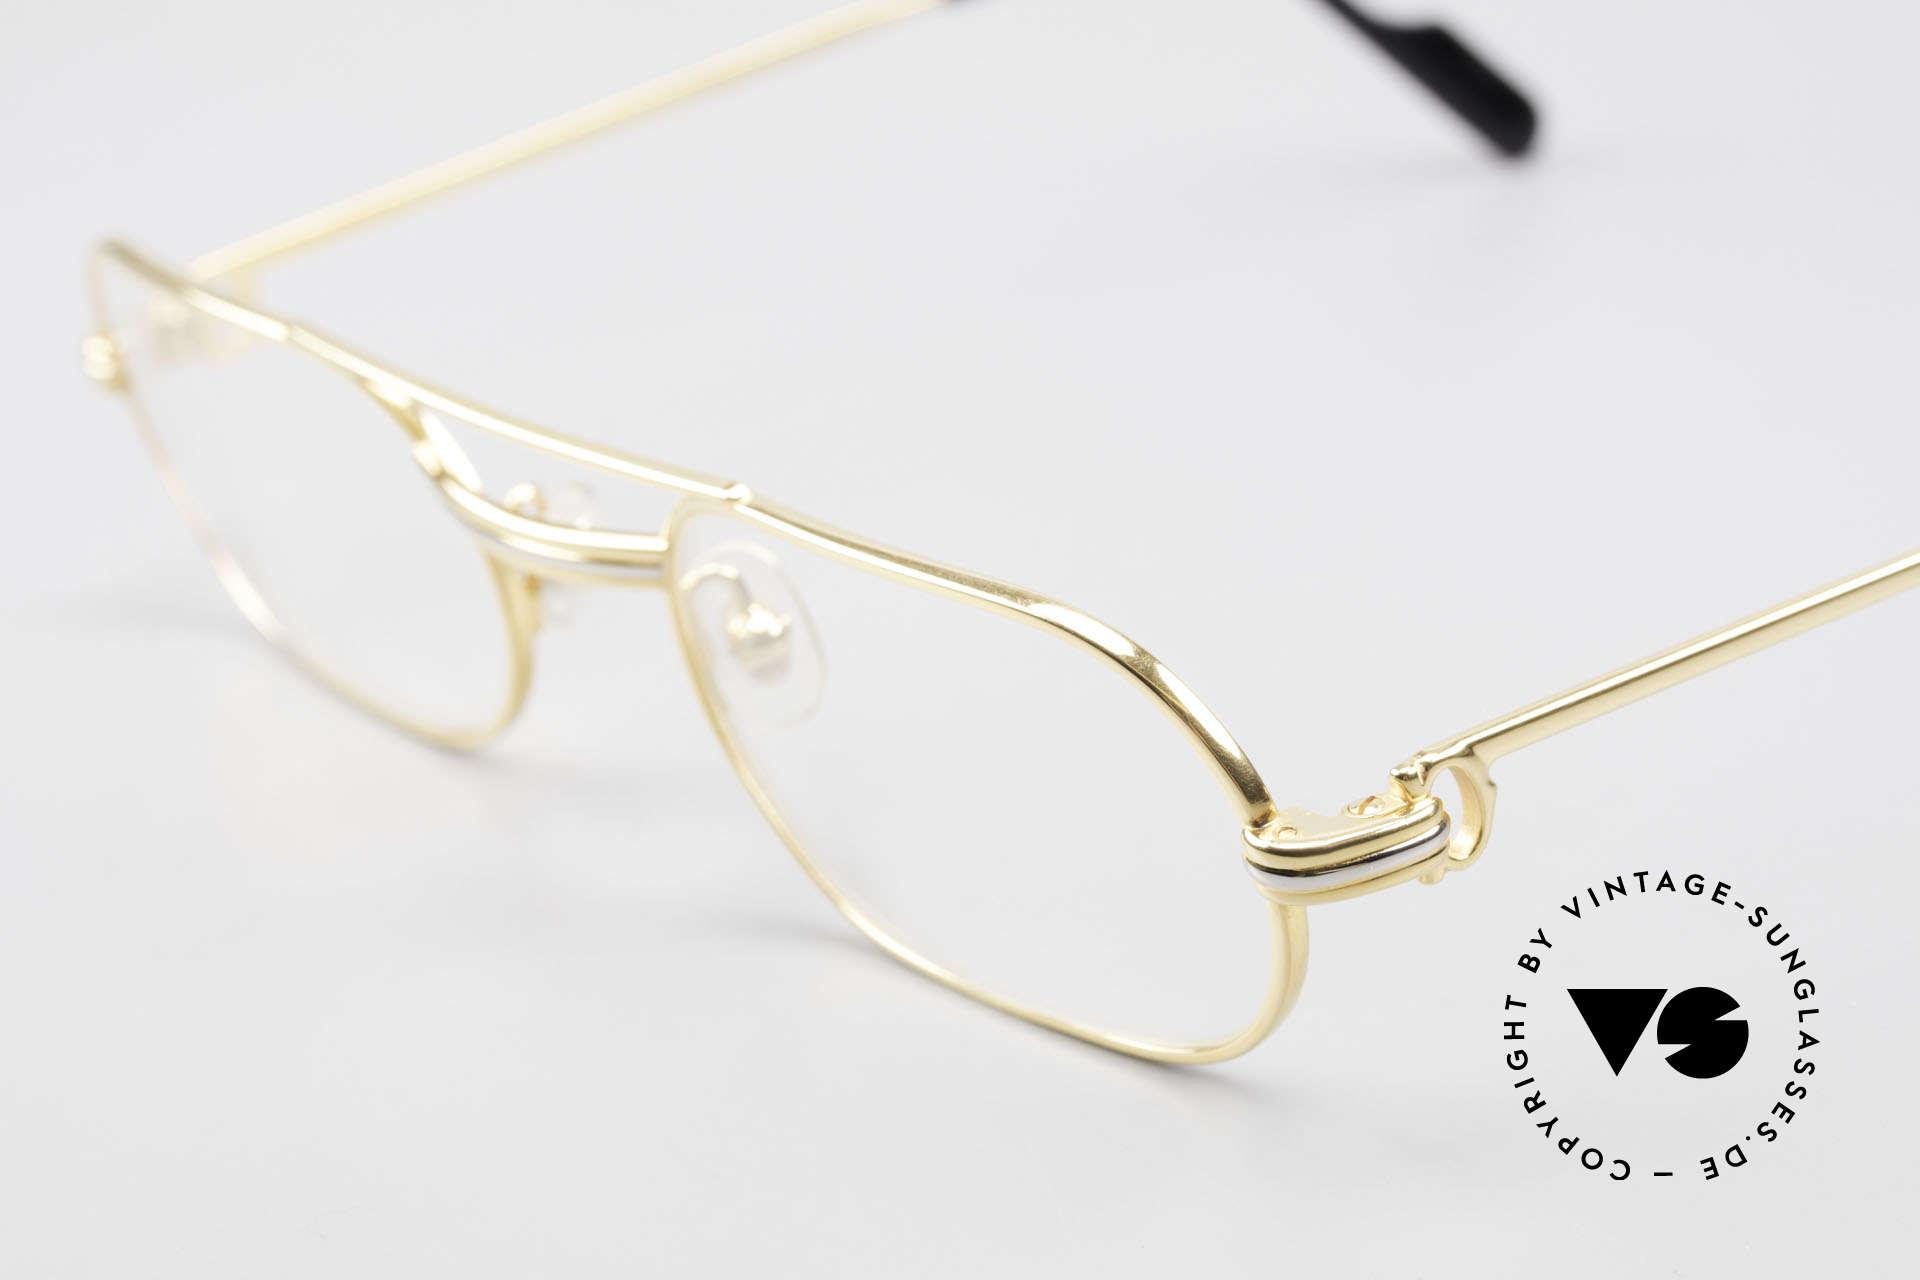 Cartier MUST LC Rose - S Limitierte Rosé Gold Brille, LIMITIERTE Rosé-Gold Serie (glänzt dadurch wärmer), Passend für Herren und Damen